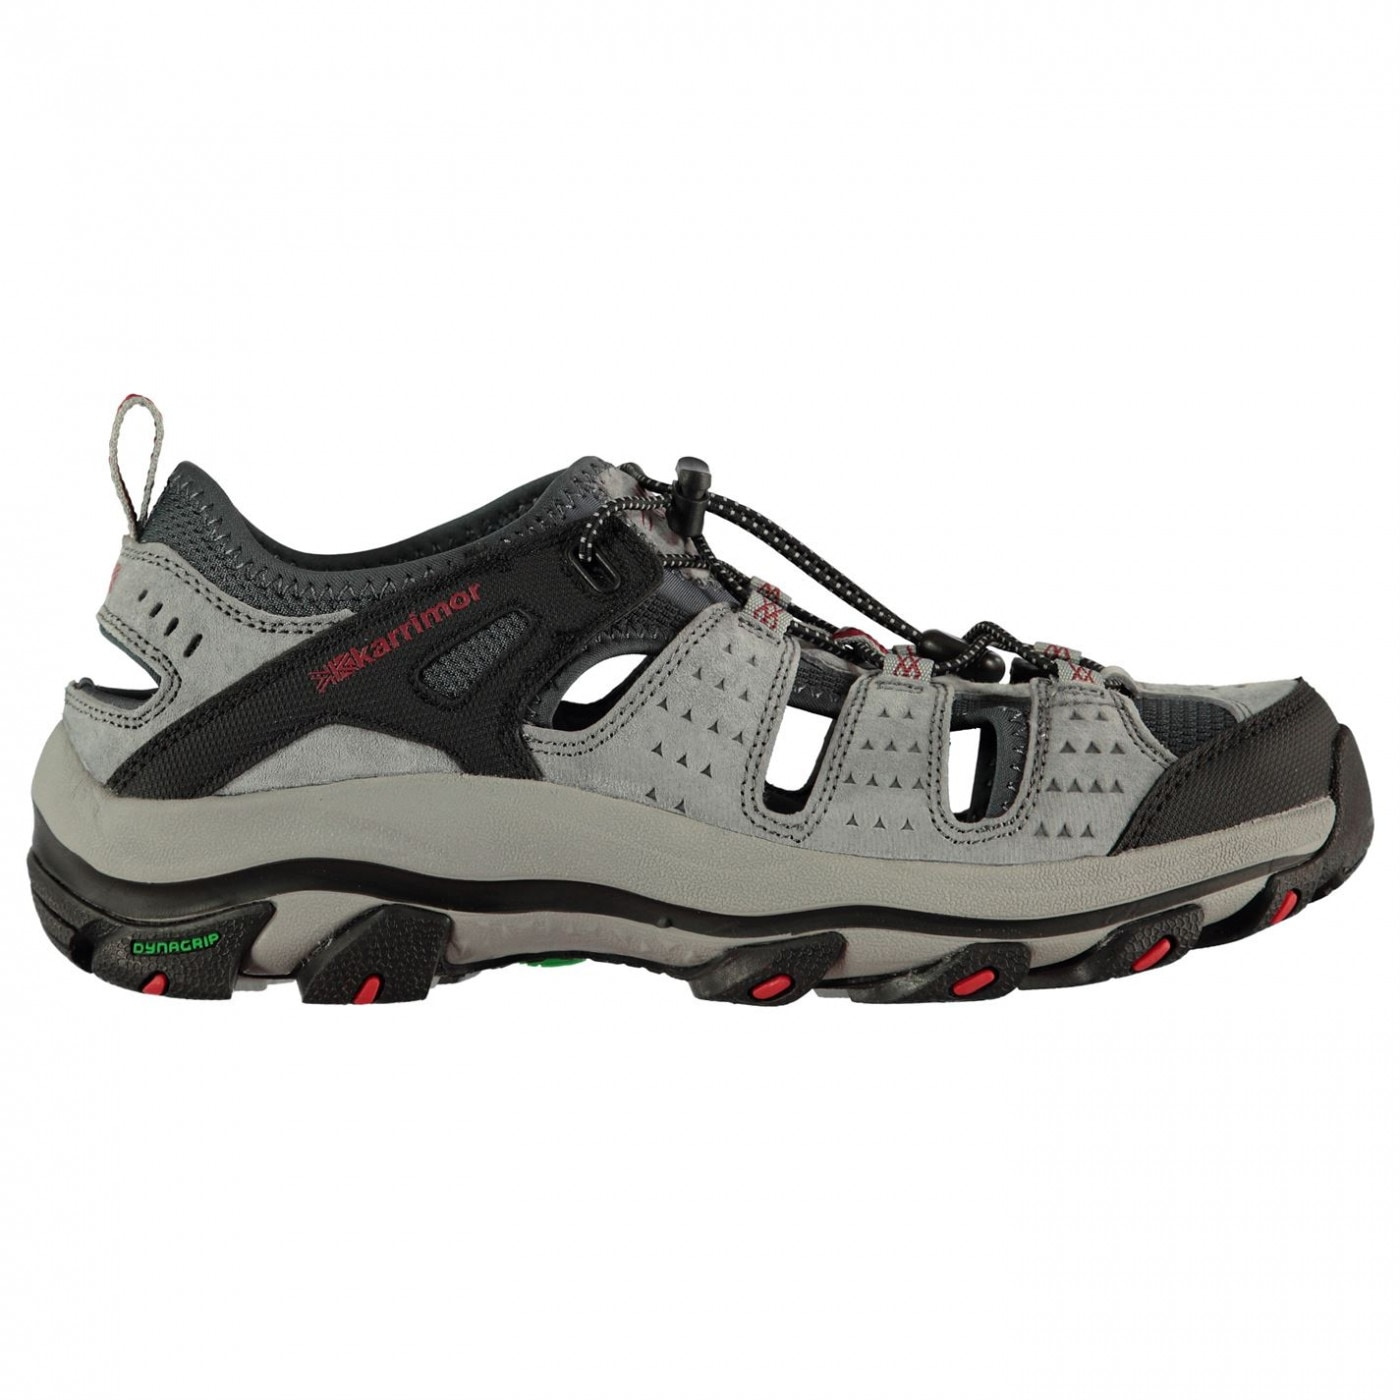 Karrimor K2 Leather Mens Walking Sandals